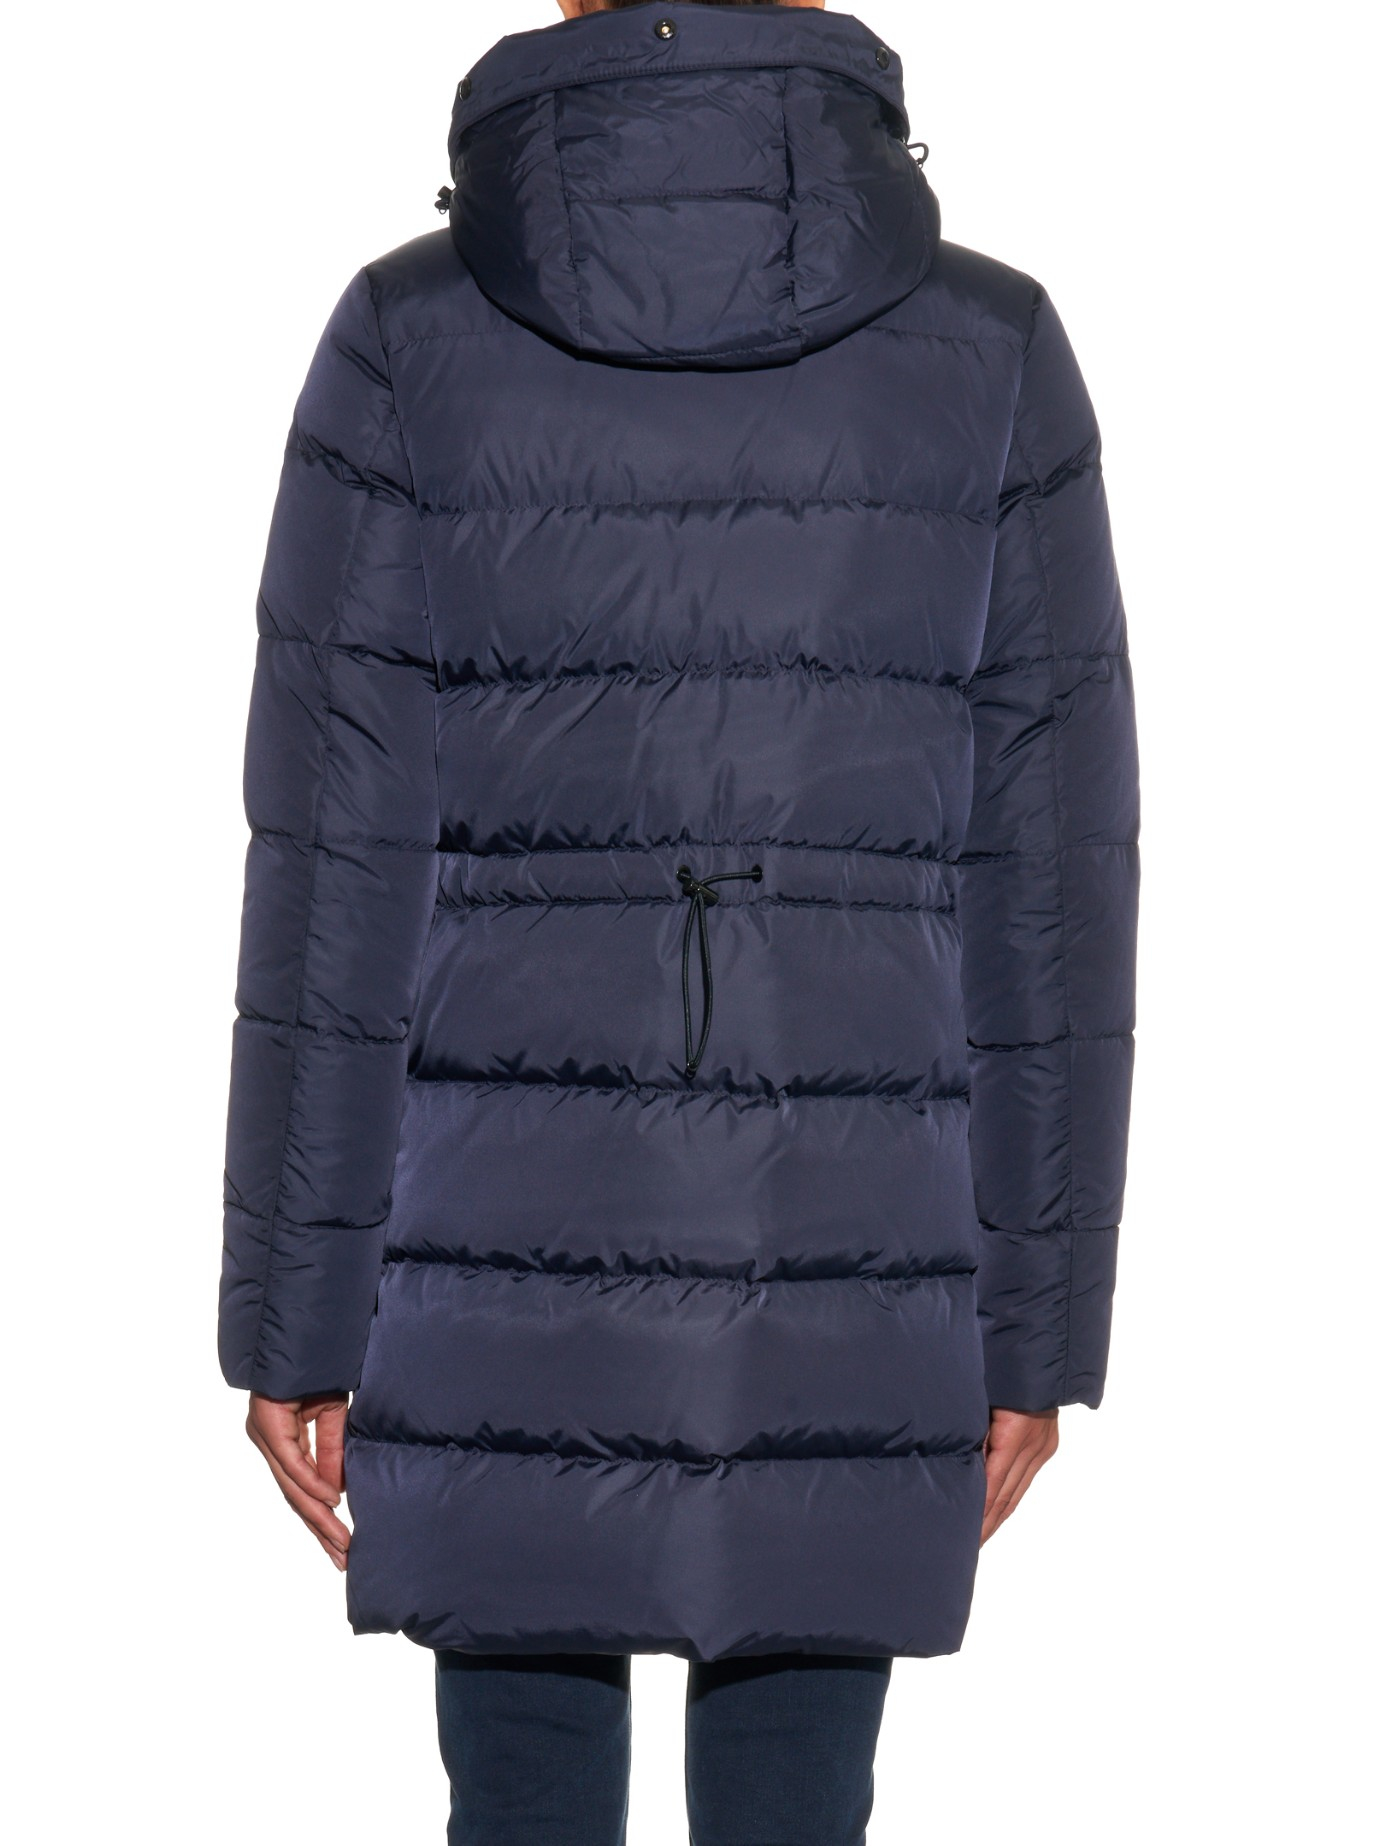 moncler vest usa realty for sale moncler sale. Black Bedroom Furniture Sets. Home Design Ideas